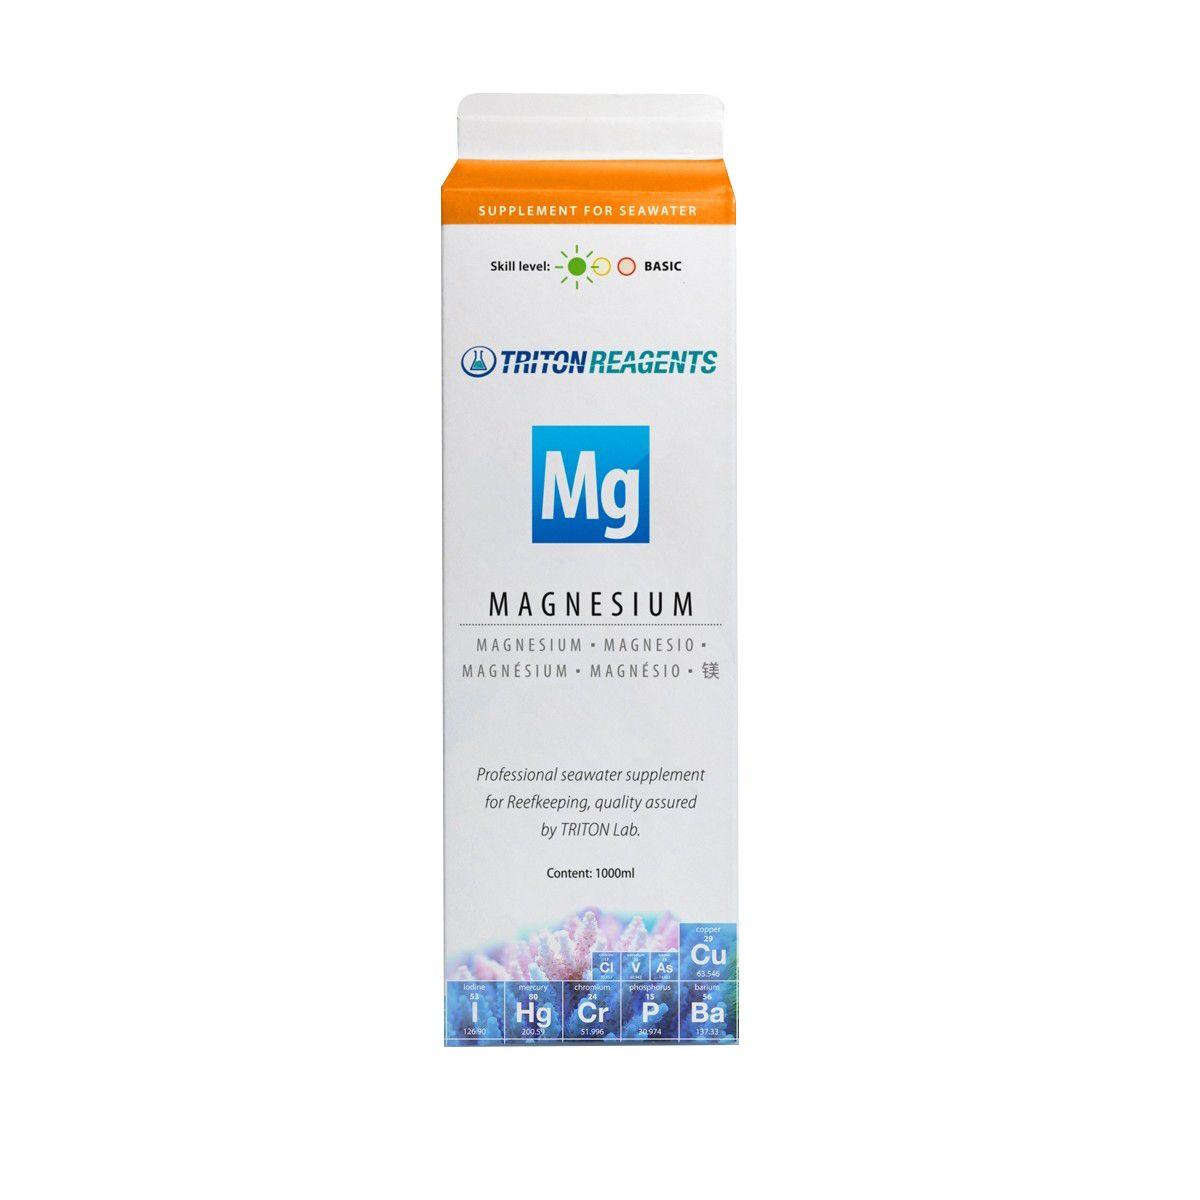 TRITON MAGNESIUM 1000 ML - AUMENTO DE MAGNESIO